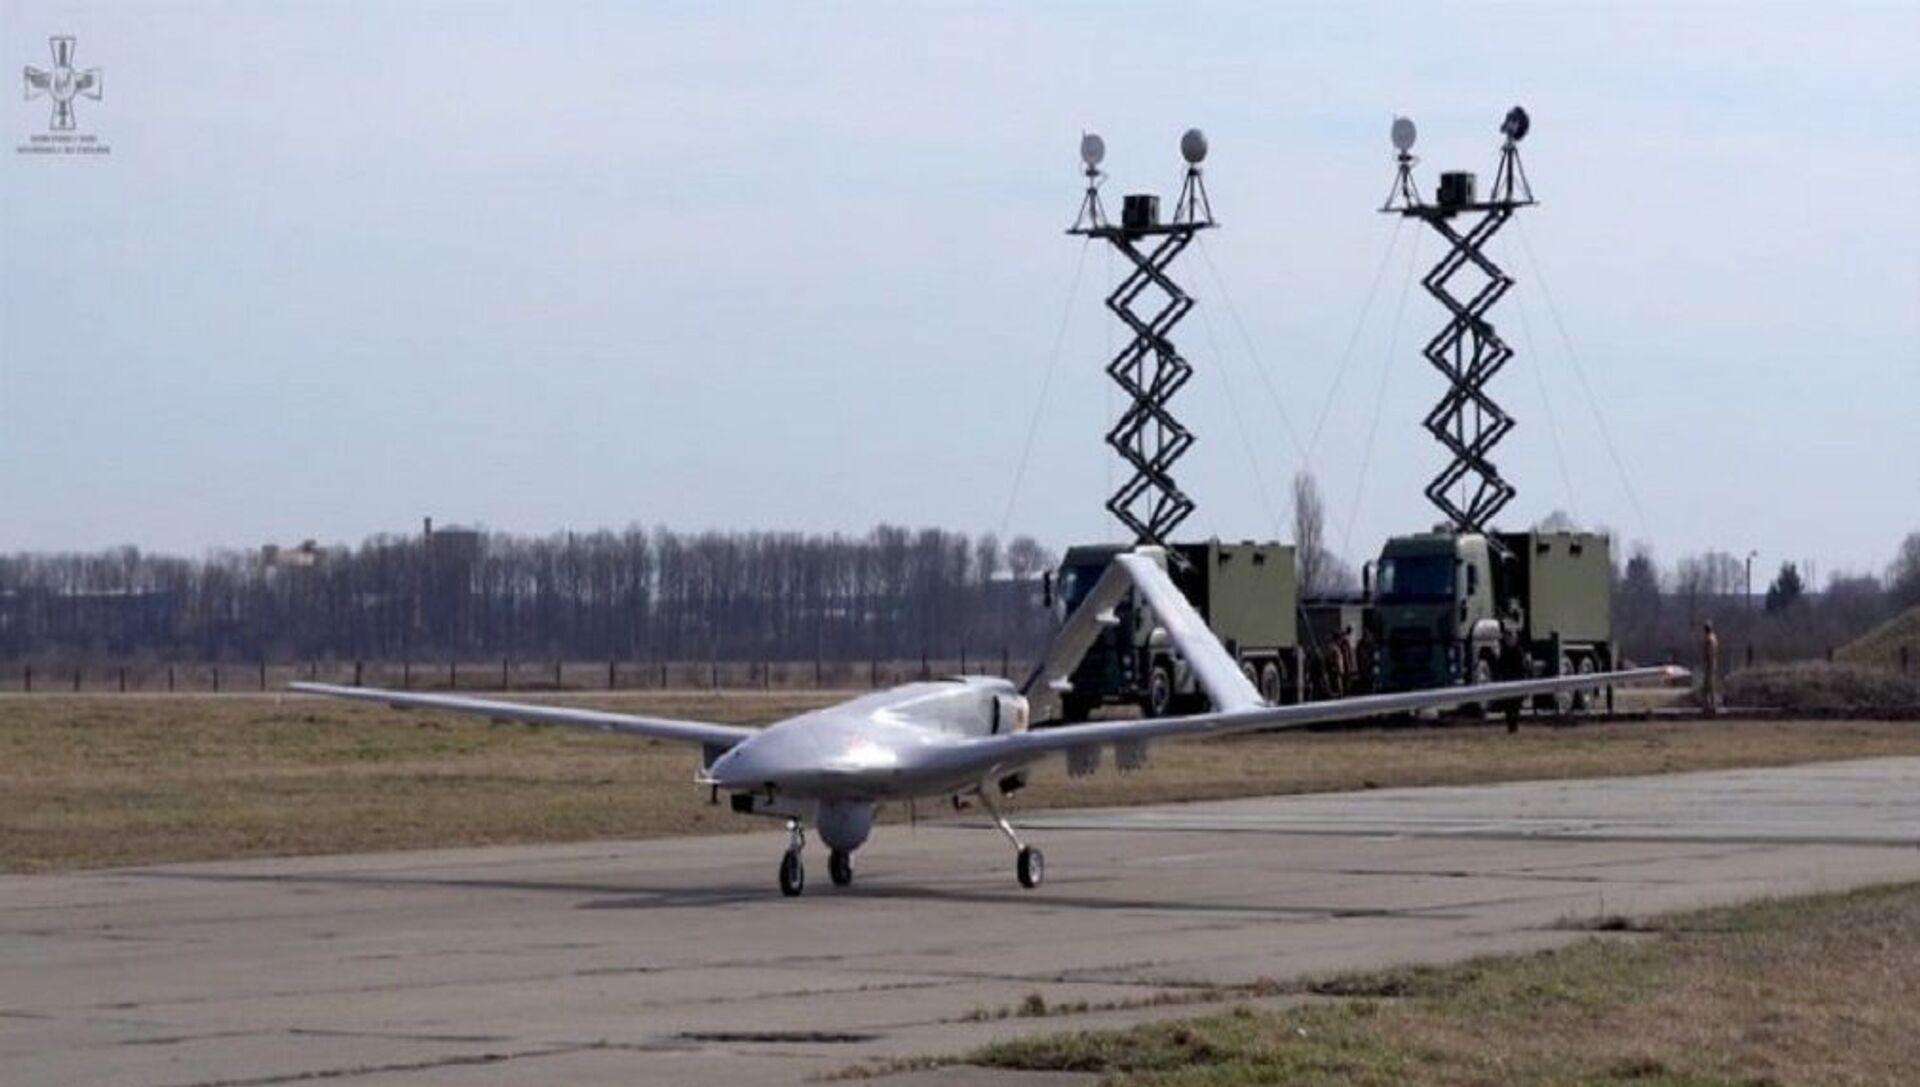 Baykar Savunma tarafından geliştirilen Bayraktar TB2 Silahlı İnsansız Hava Aracı'nın (SİHA) Ukrayna Silahlı Kuvvetleri'ne tesliminden sonra Ukrayna Hava Kuvvetleri fotoğraflarını paylaştı. - Sputnik Türkiye, 1920, 20.04.2021